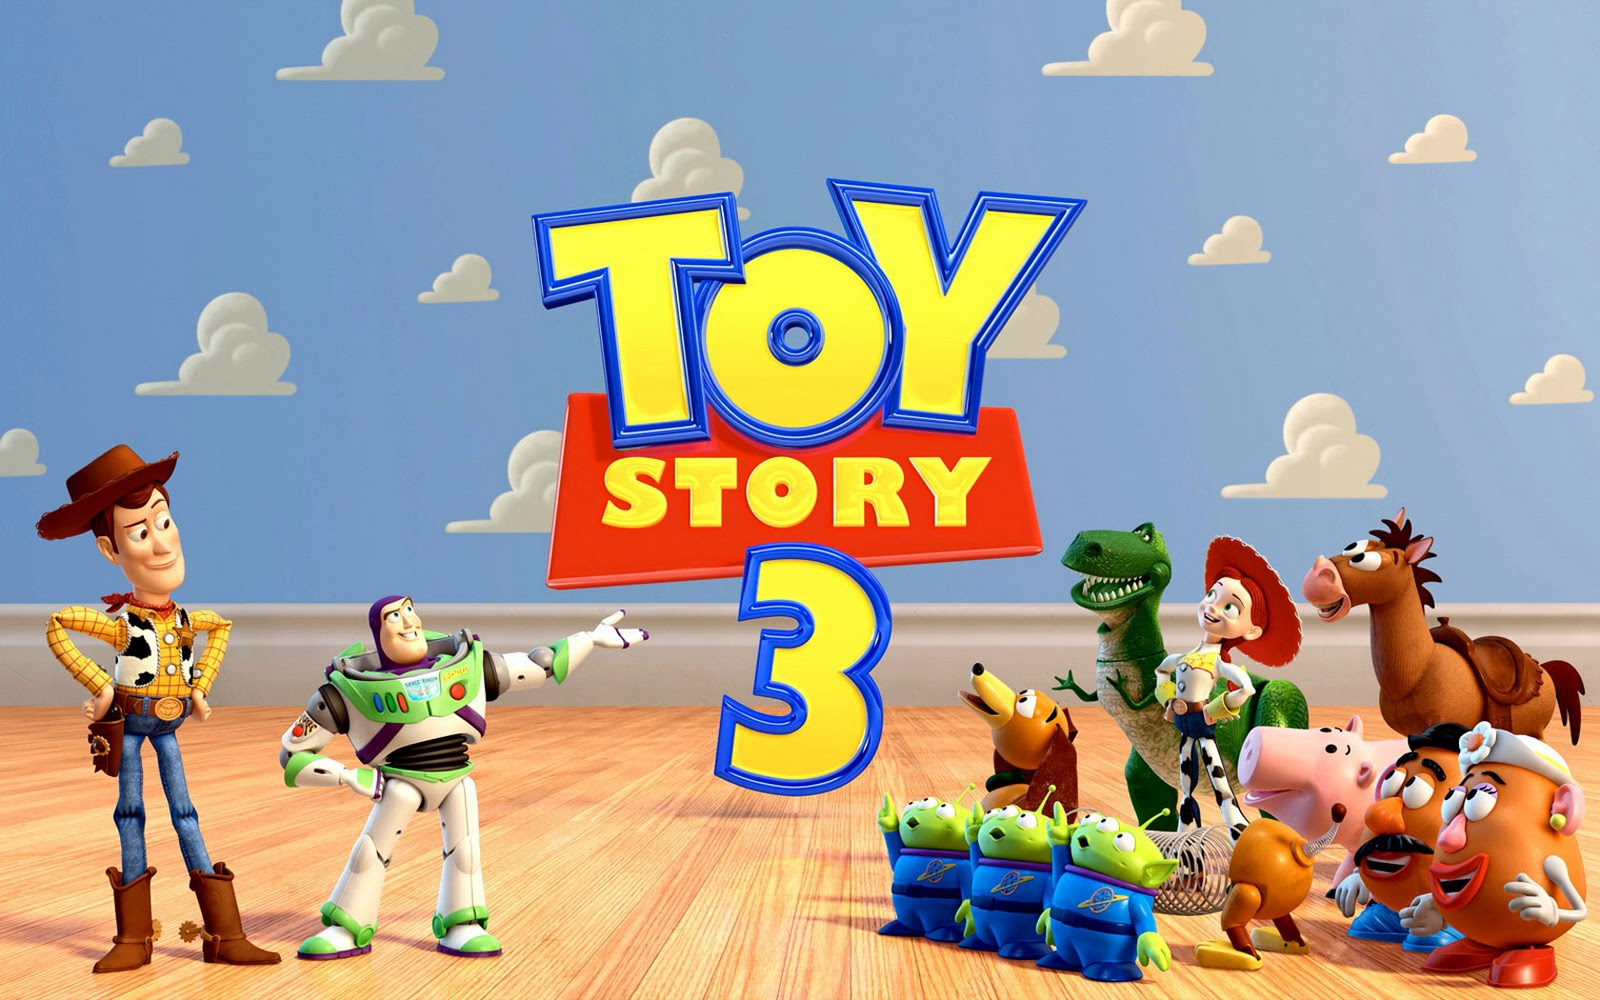 http://2.bp.blogspot.com/-j5SHOQZDAoU/TWL1Ch4IhcI/AAAAAAAAABQ/-zycun0aSKY/s1600/toy+story+3.jpg